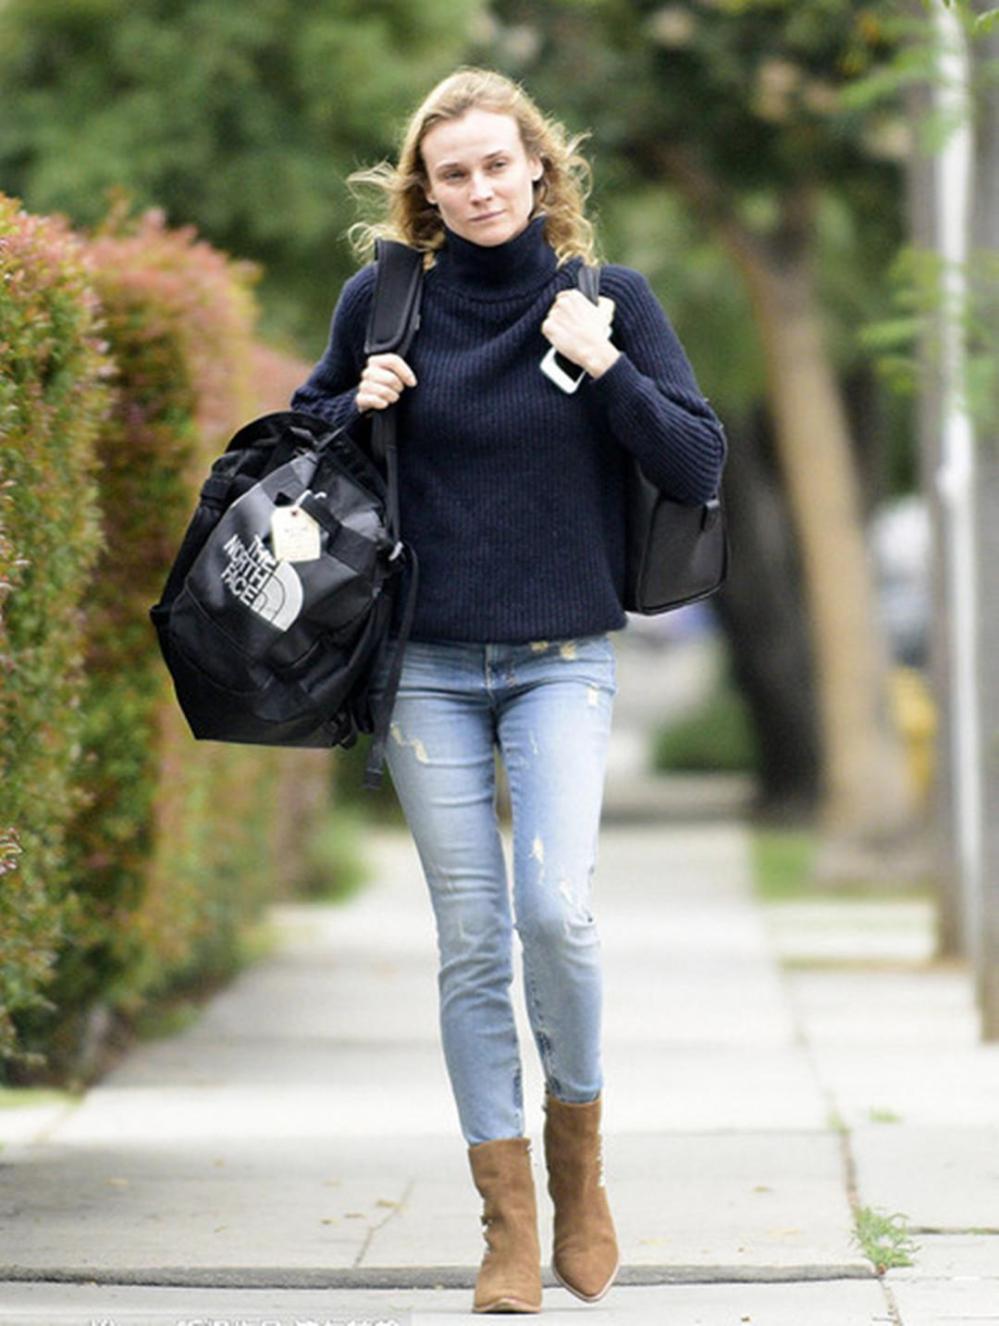 毛衣+长裤, 这是冬季的五个时髦搭配公式 5